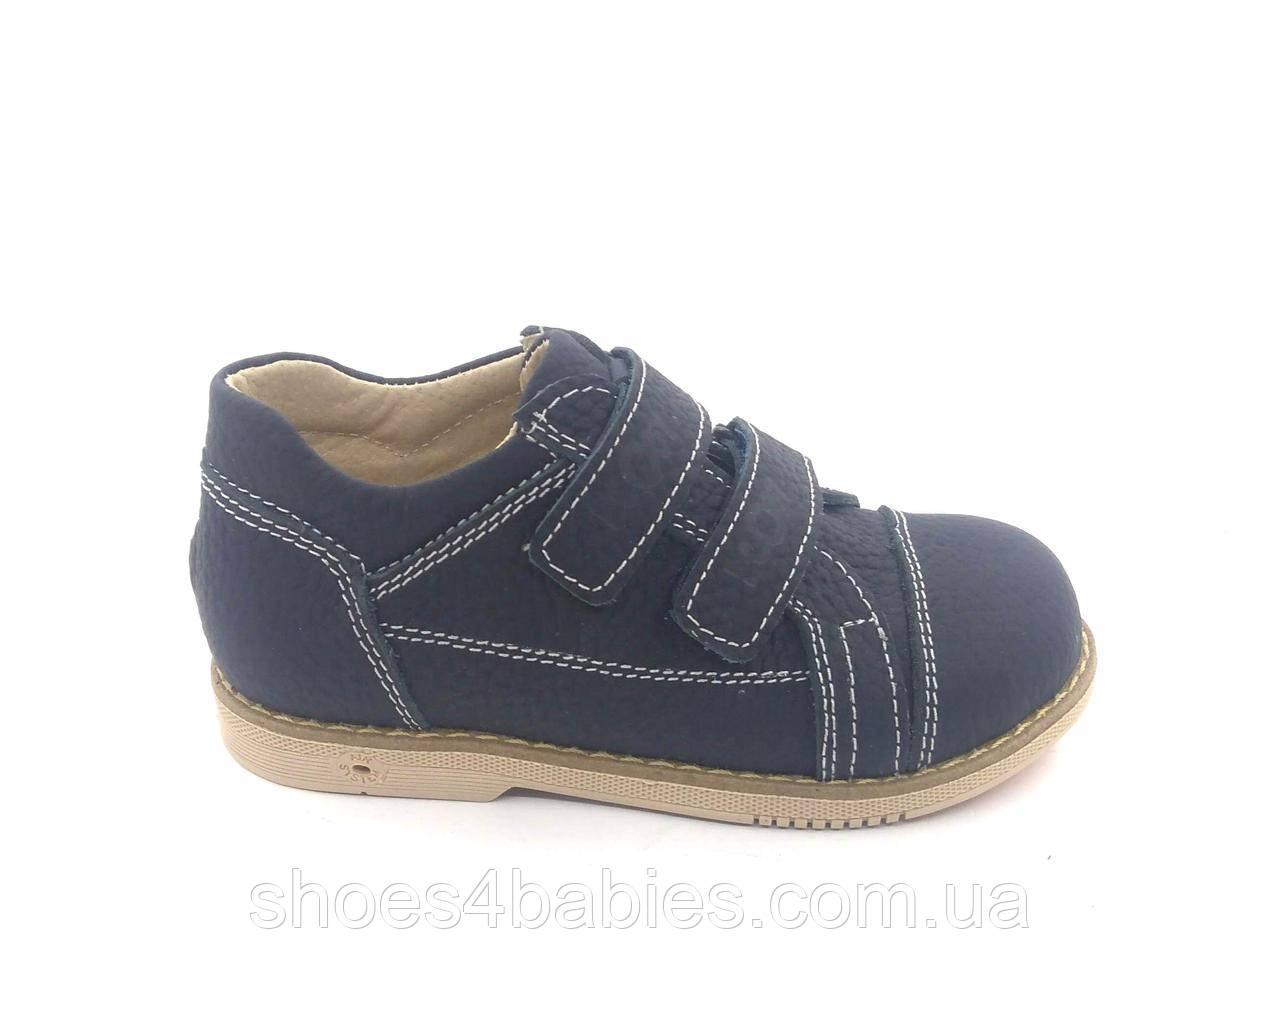 Детские ортопедические туфли Ecoby (Экоби) р. 25, 26, 27, 28, 29 модель 103B для мальчика